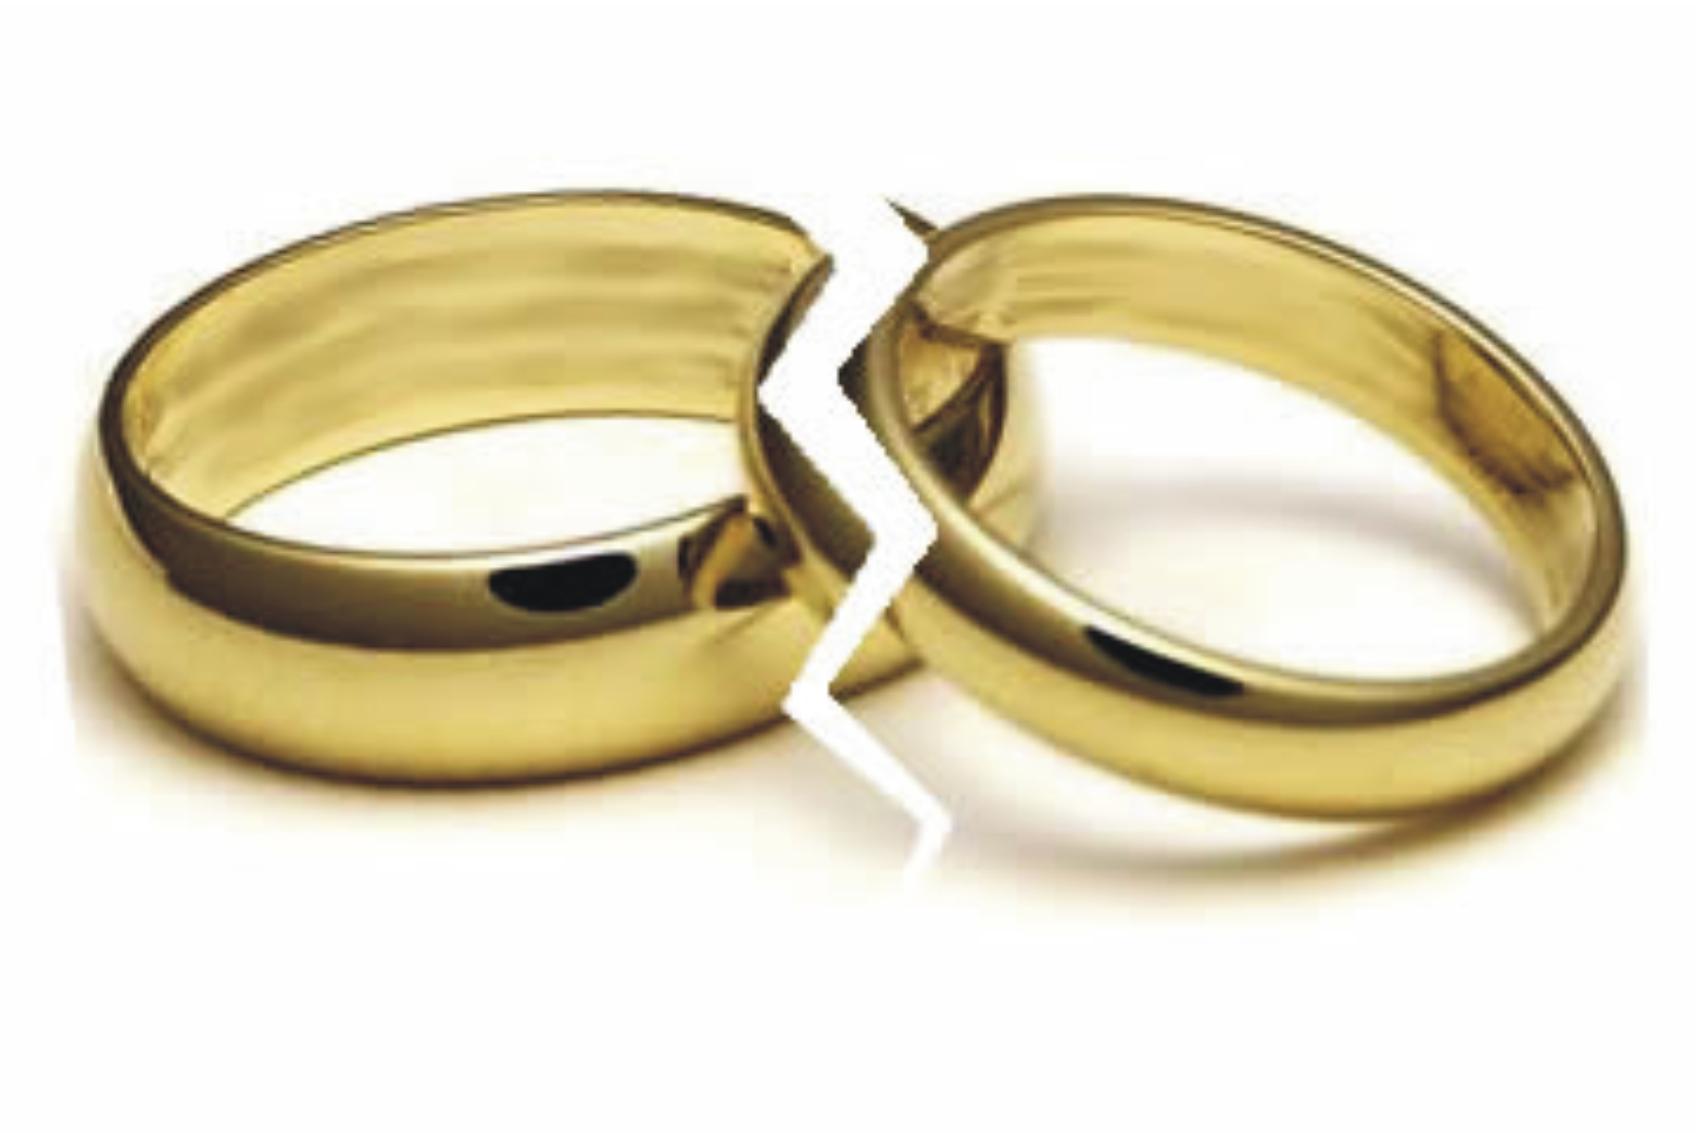 Matrimonio En Crisis Biblia : Qué dice la biblia acerca del divorcio y un segundo matrimonio